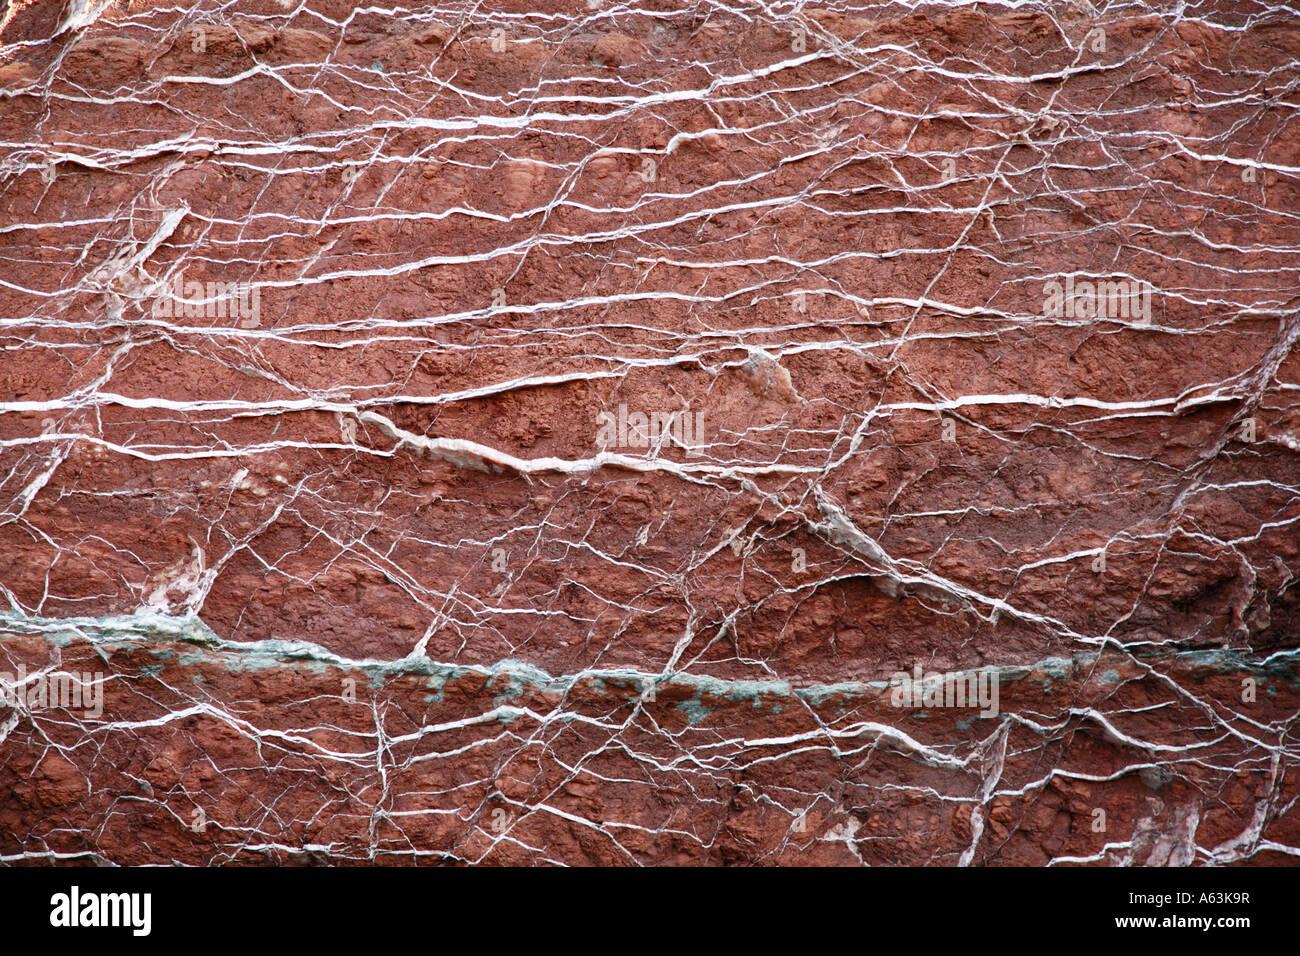 Venas de cuarzo en rojo roca metamórfica Foto de stock